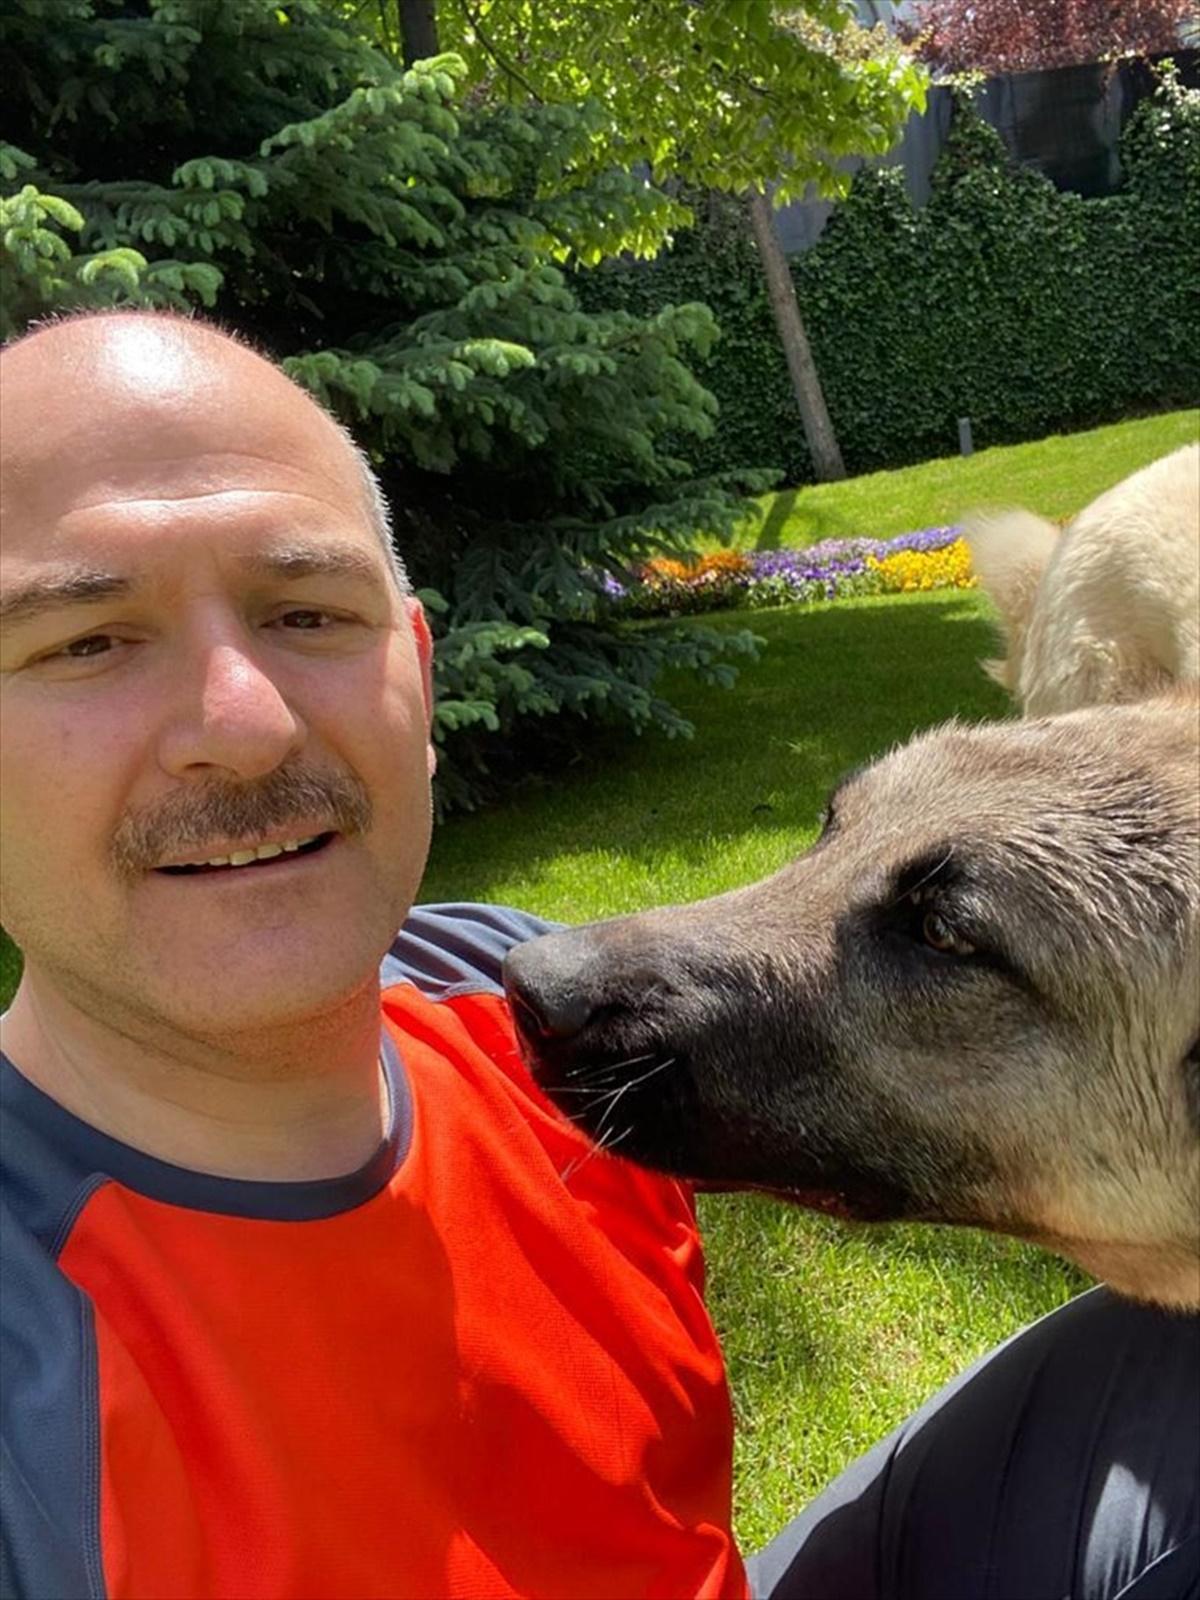 İçişleri Bakanı Süleyman Soylu sahiplendiği sokak köpekleri Bulut ve Duman'ın fotoğraflarını paylaştı